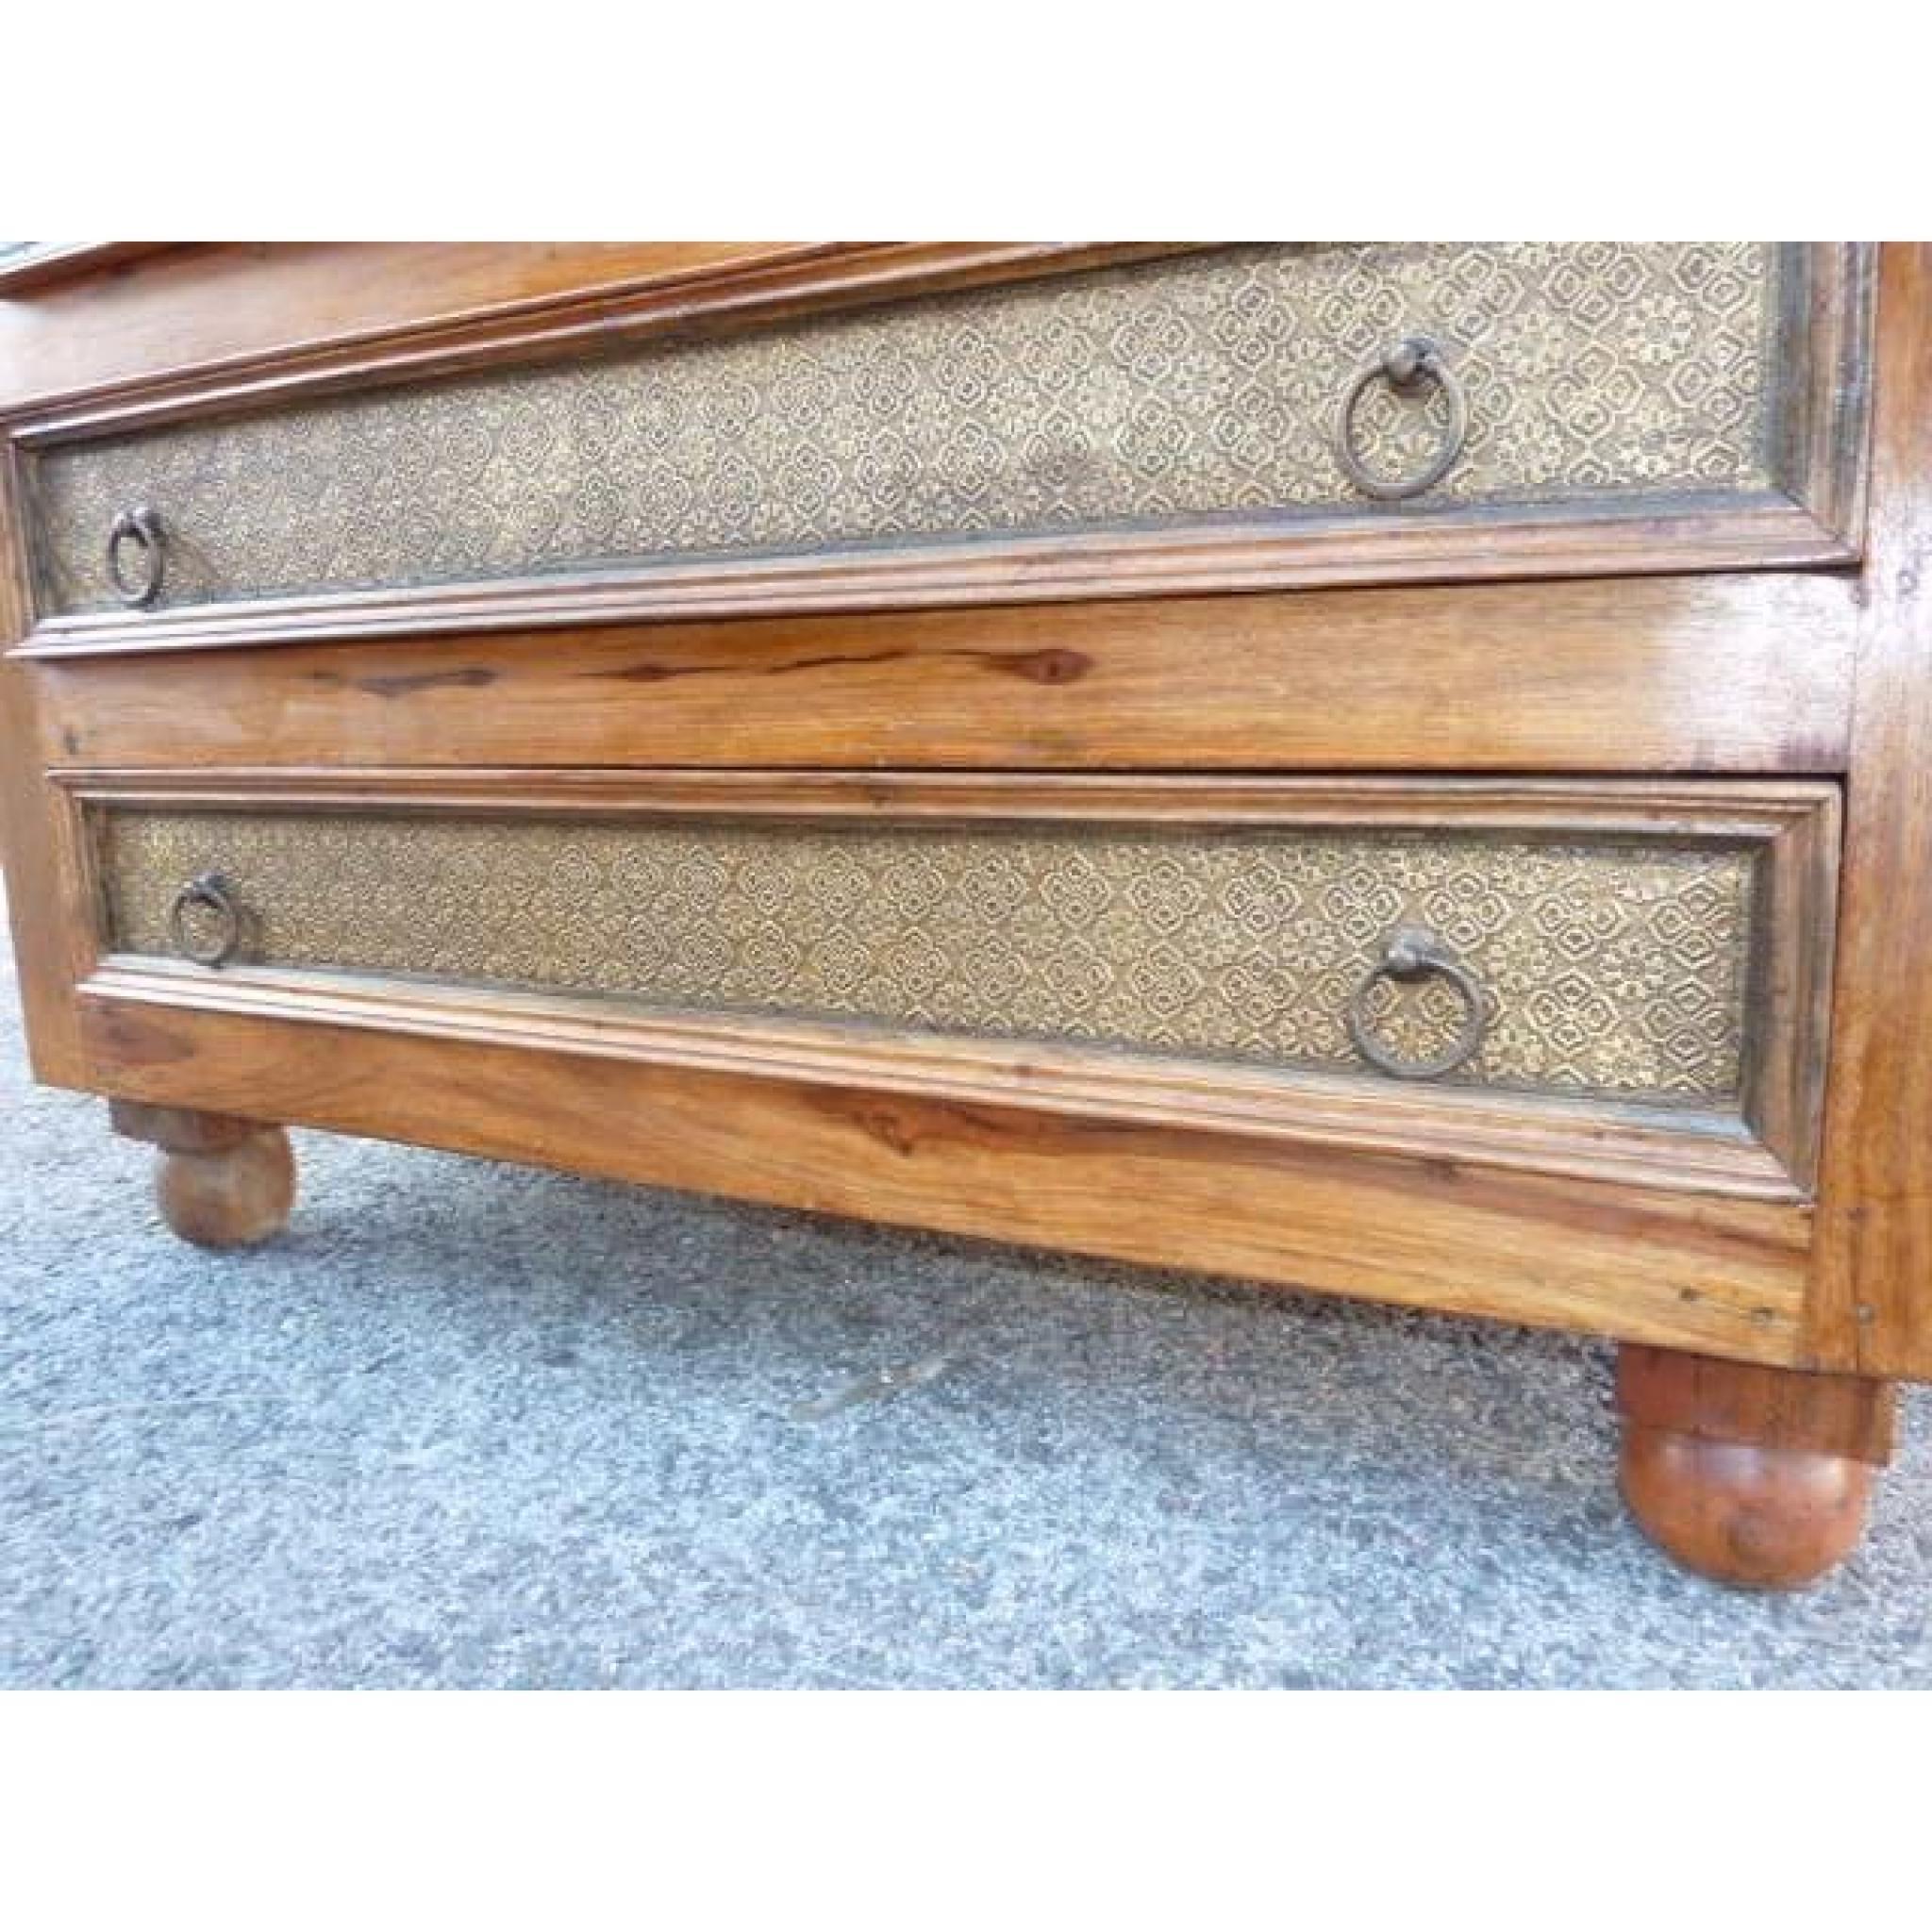 grande commode 8 tiroirs claire achat vente commode pas cher couleur et. Black Bedroom Furniture Sets. Home Design Ideas